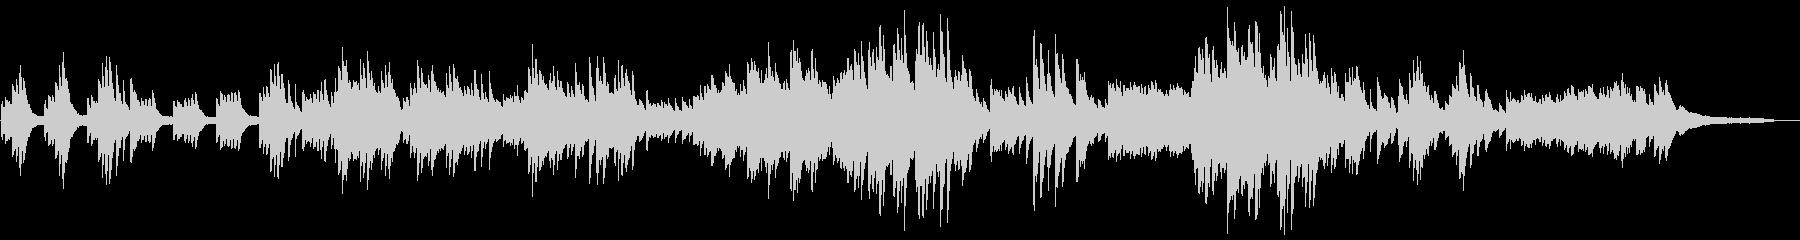 しっとりと切ない 静謐なピアノソロの未再生の波形